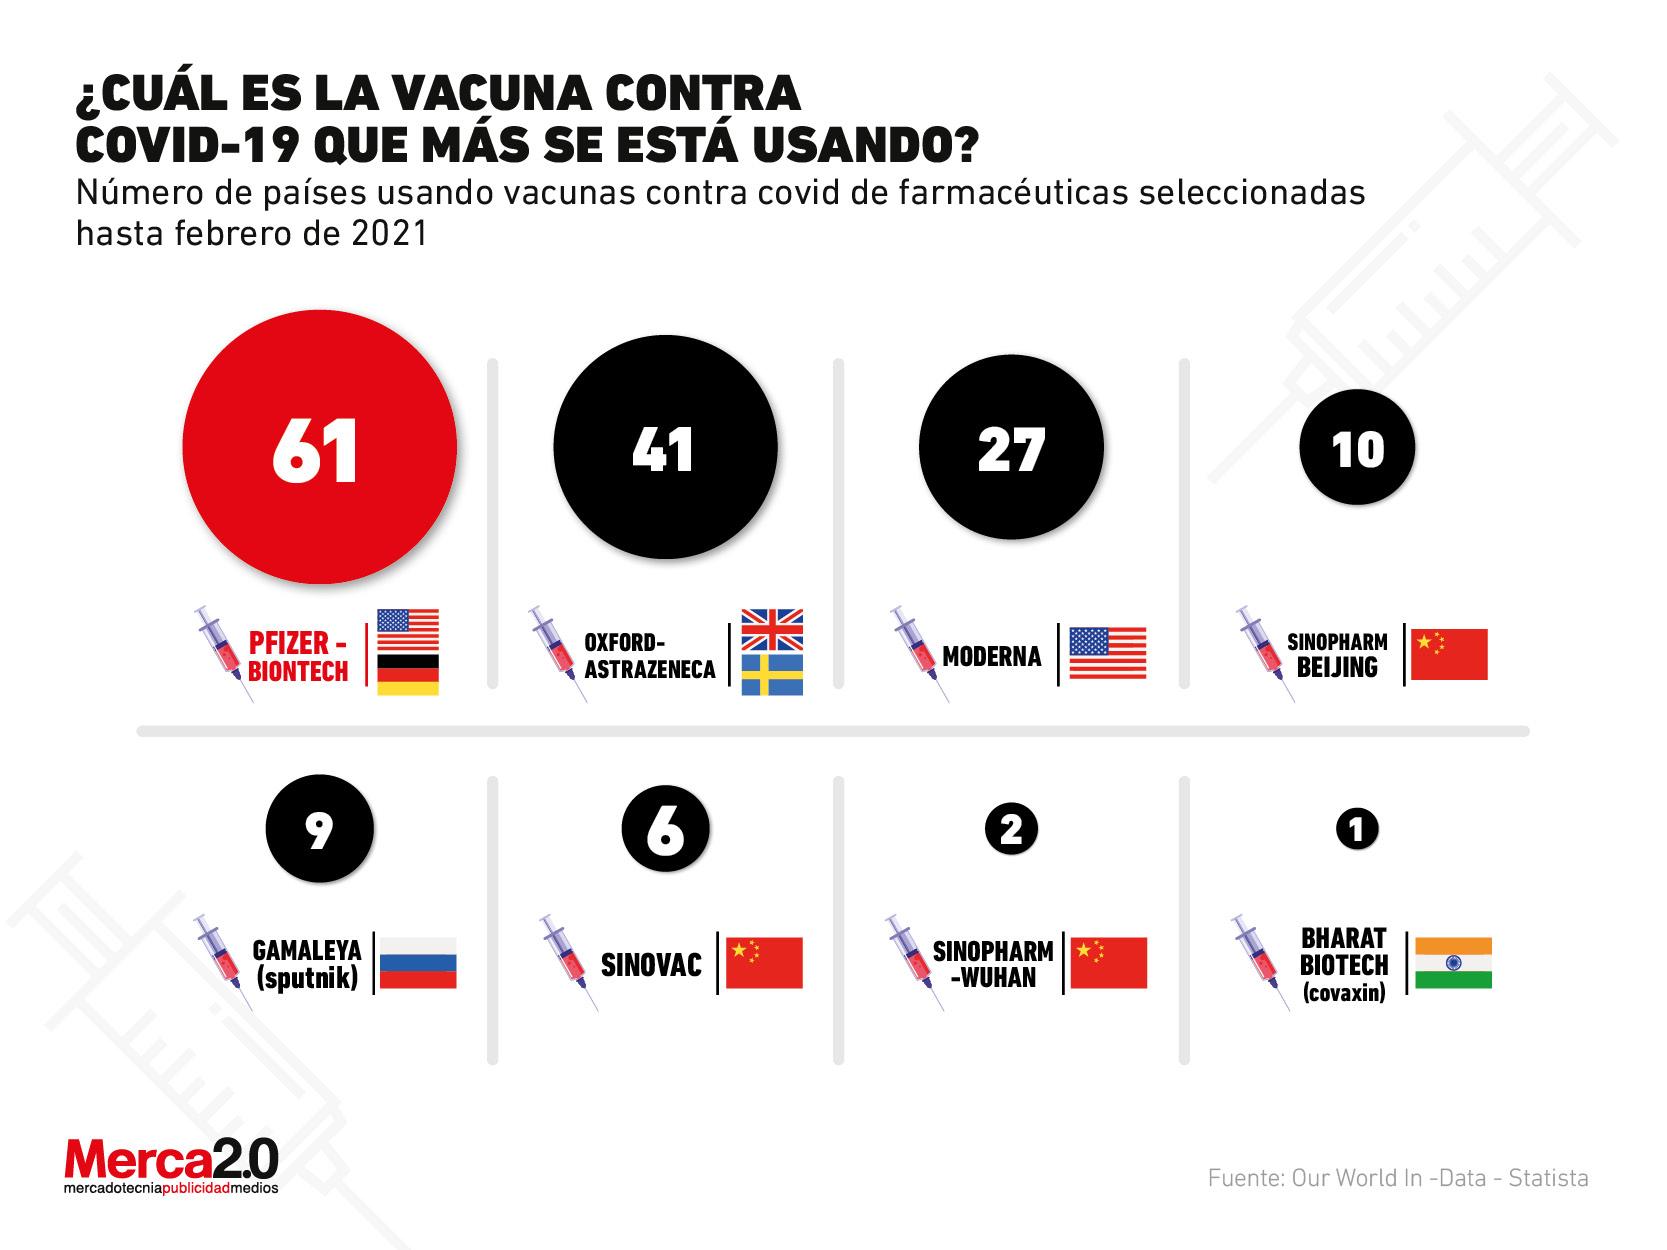 Las vacunas contra Covid-19 que más se están usando en el mundo